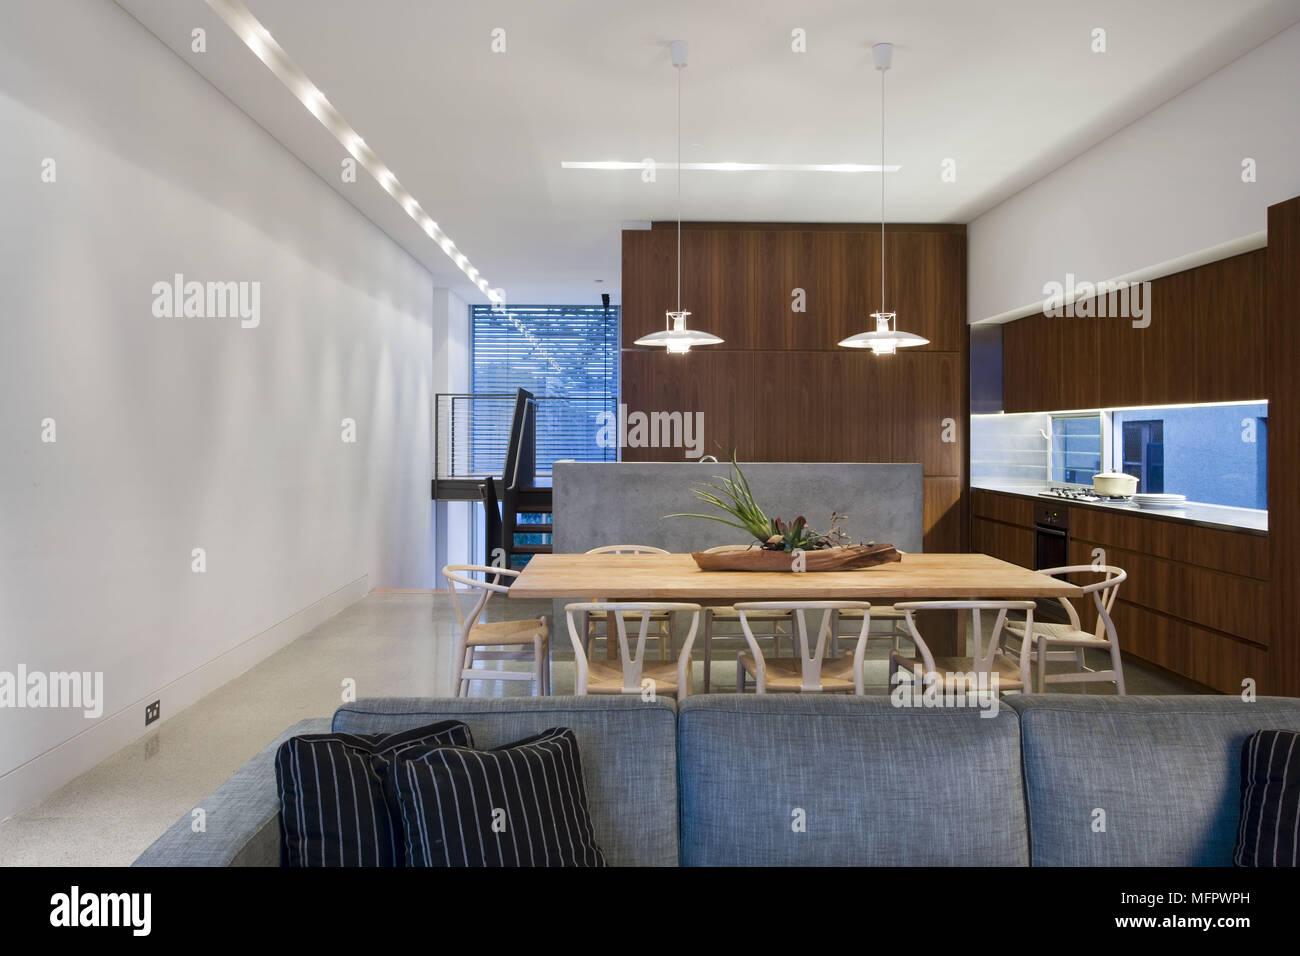 Plafond Lumineux Au Dessus De Table En Bois En Plan Ouvert Cuisine